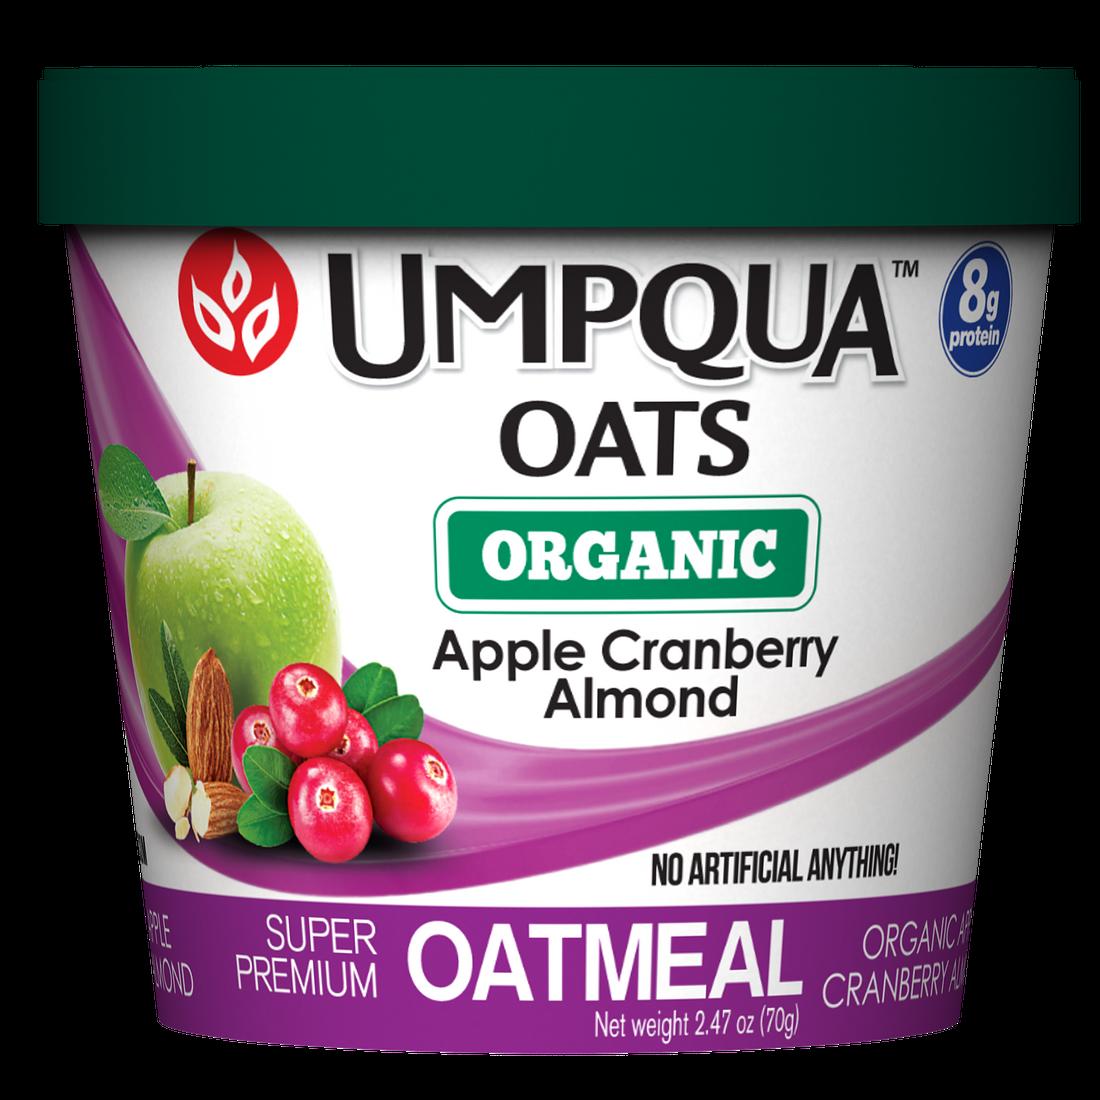 Organic Apple Cranberry Almond